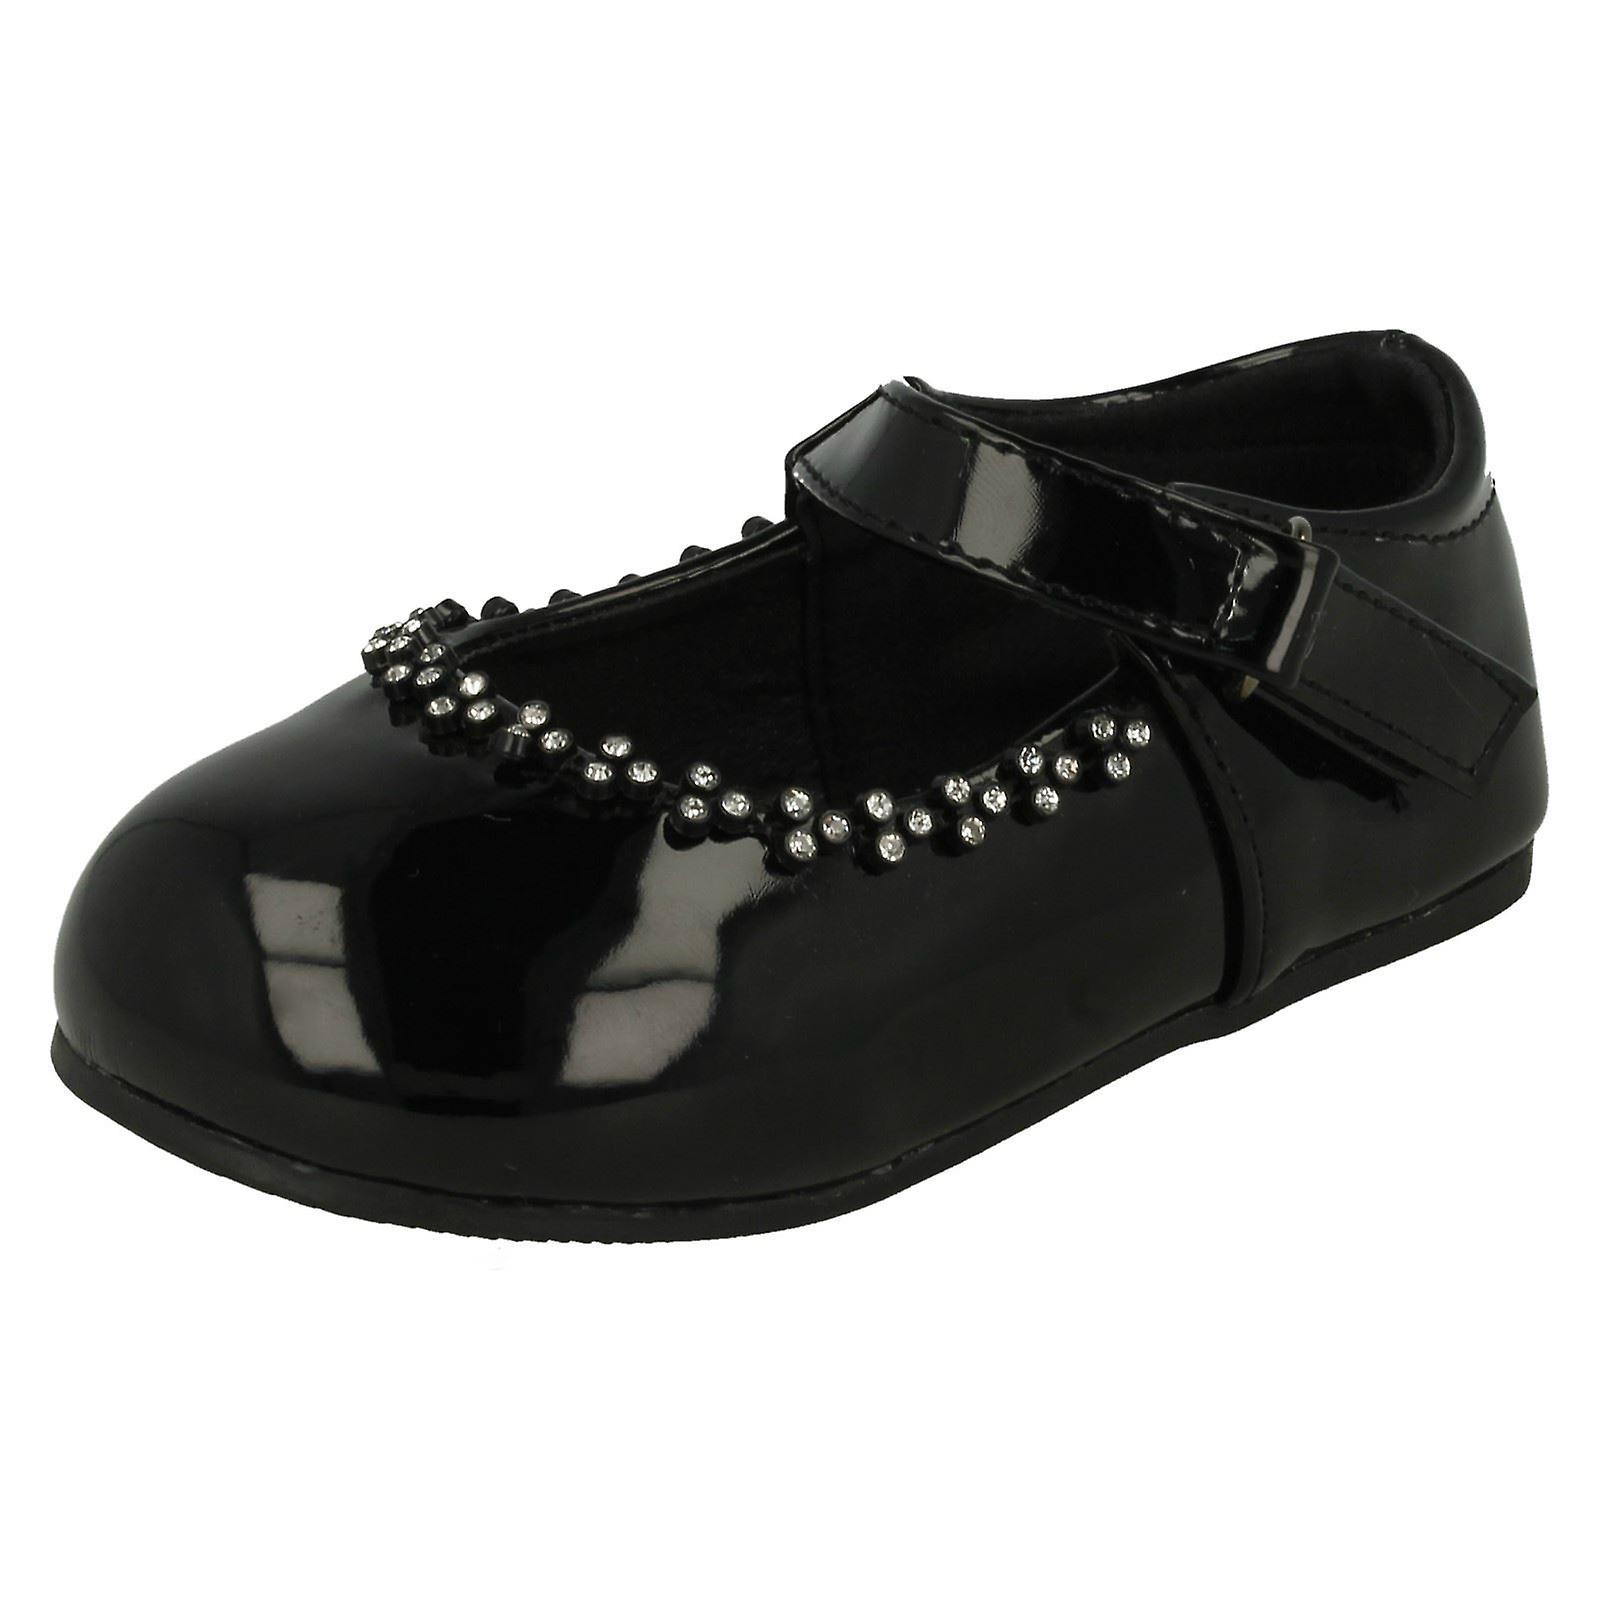 Ragazze posto sul Diamante dettaglio scarpe partito | Materiali Selezionati Con Cura  | Scolaro/Signora Scarpa